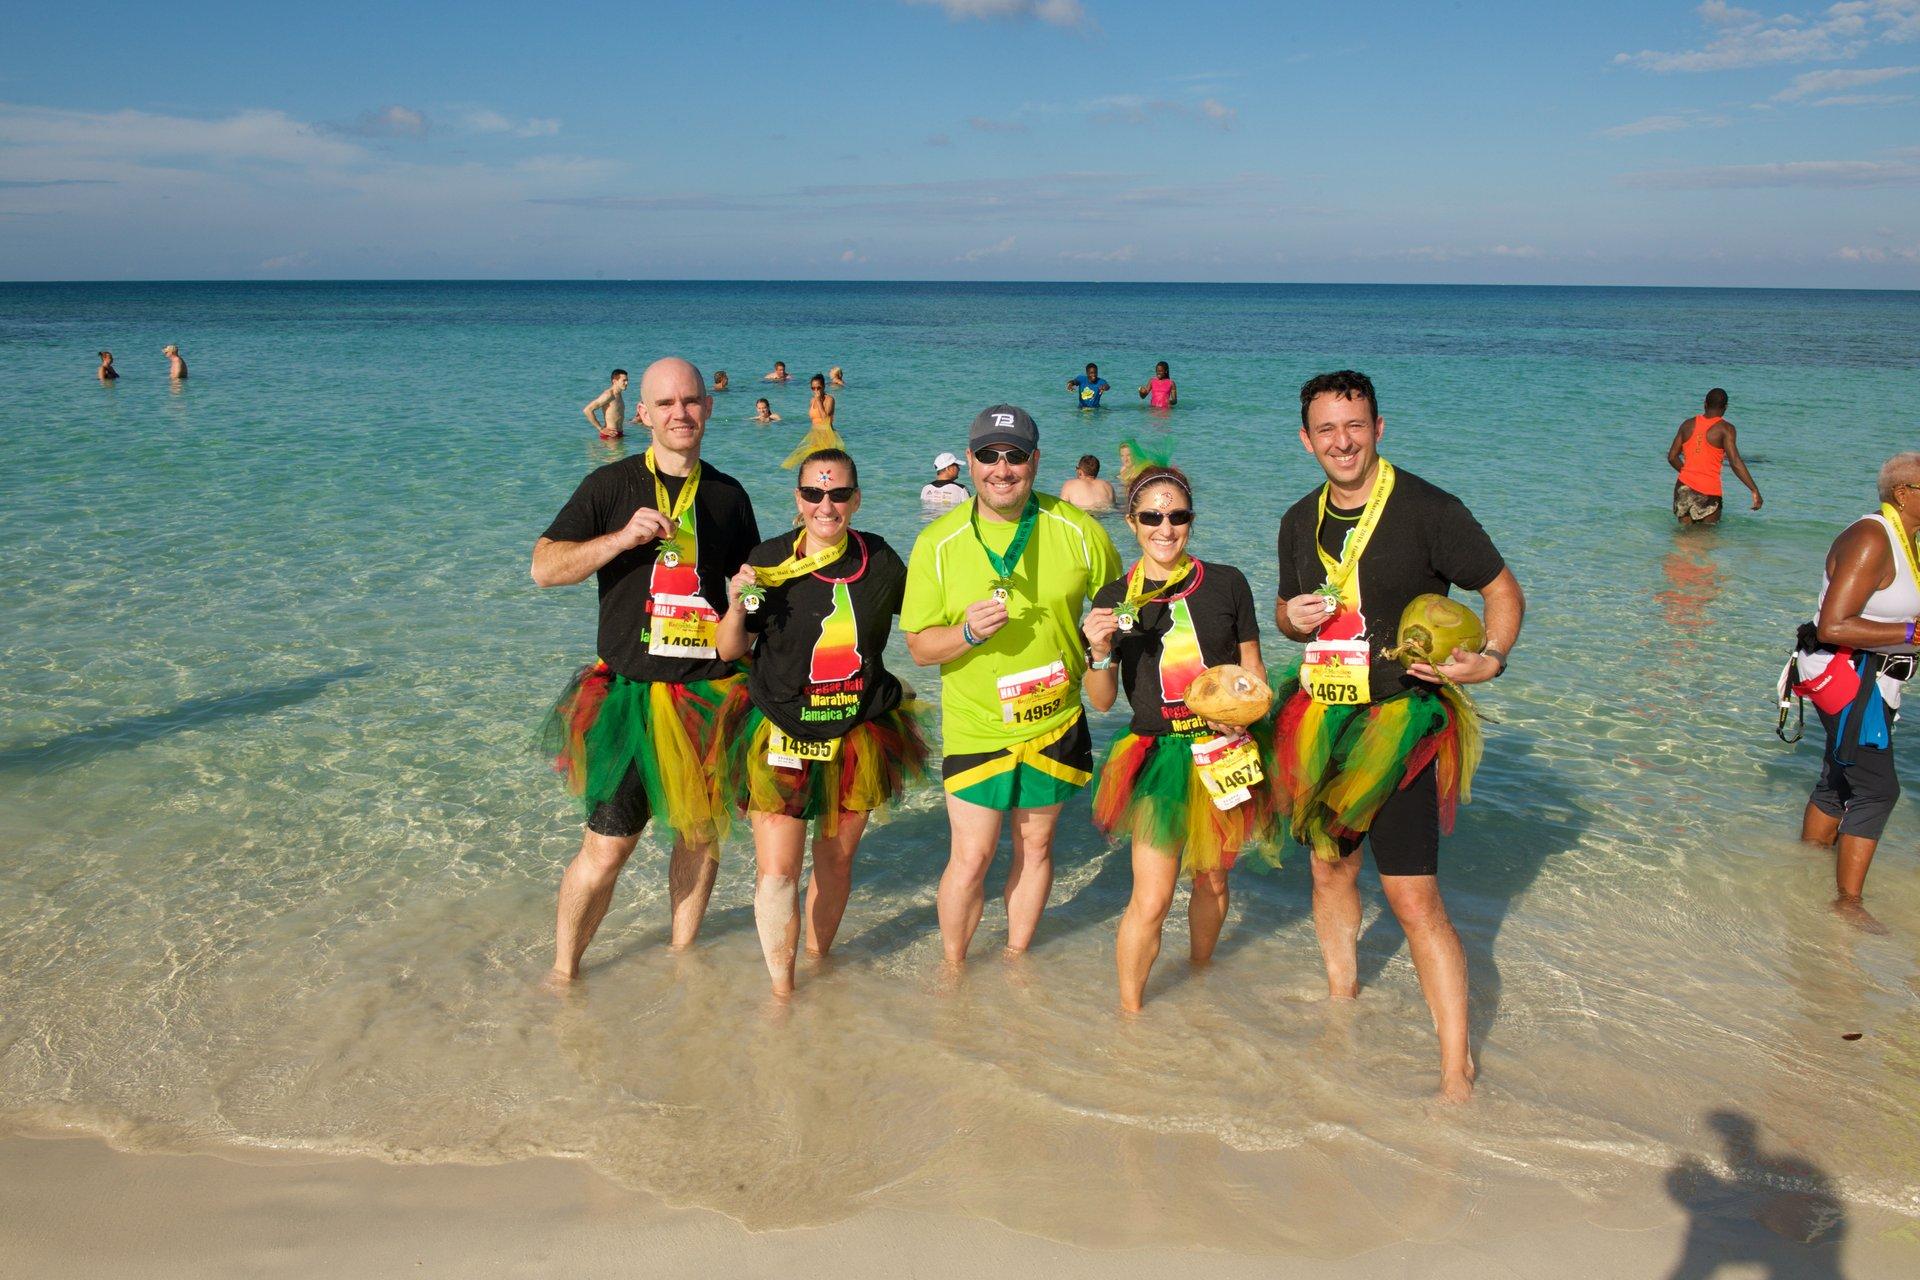 Best time for Reggae Marathon in Negril in Jamaica 2020